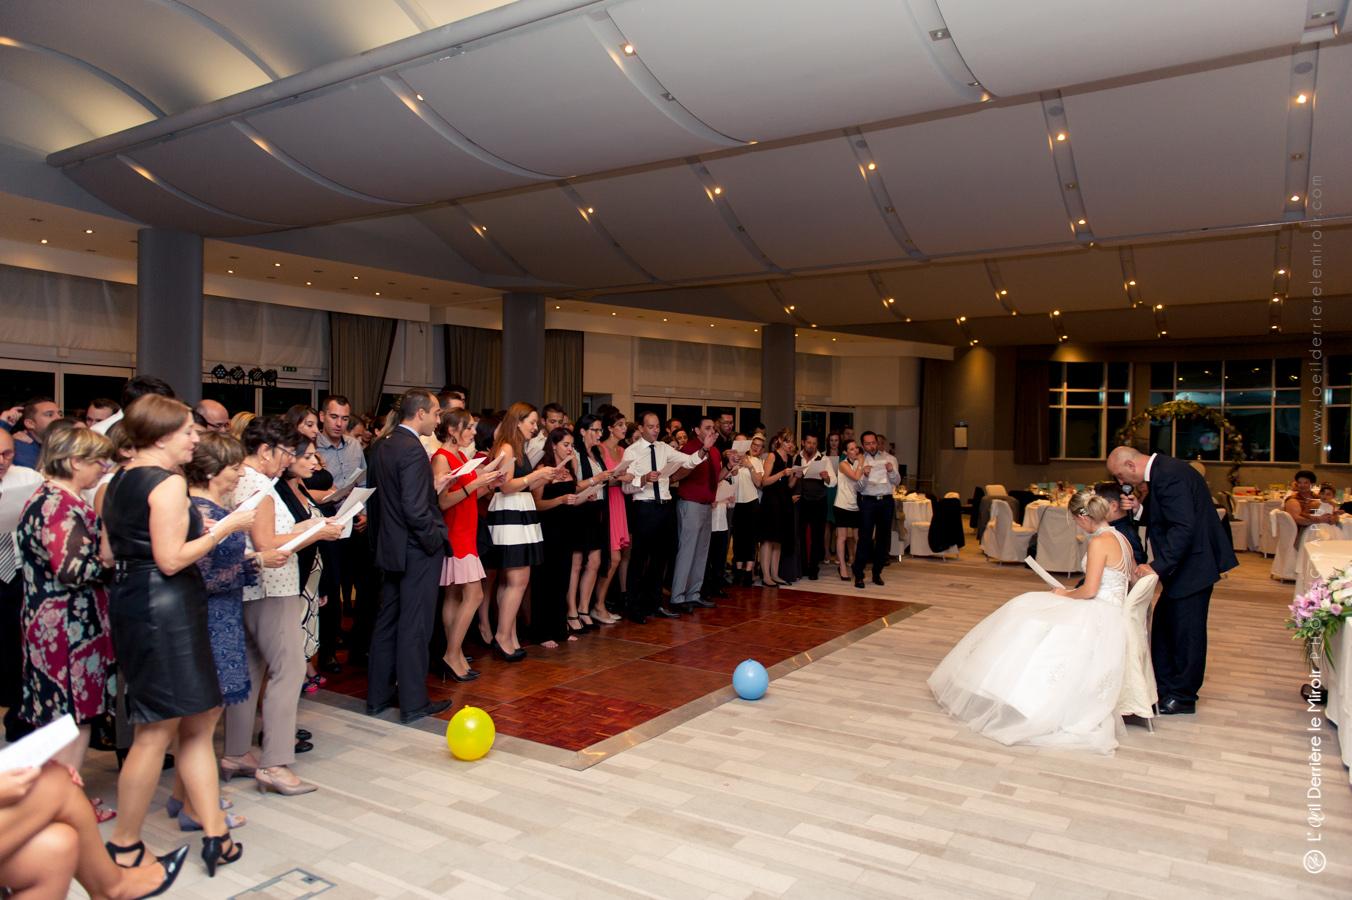 Photographe-mariage-monaco-loeilderrierelemiroir-104